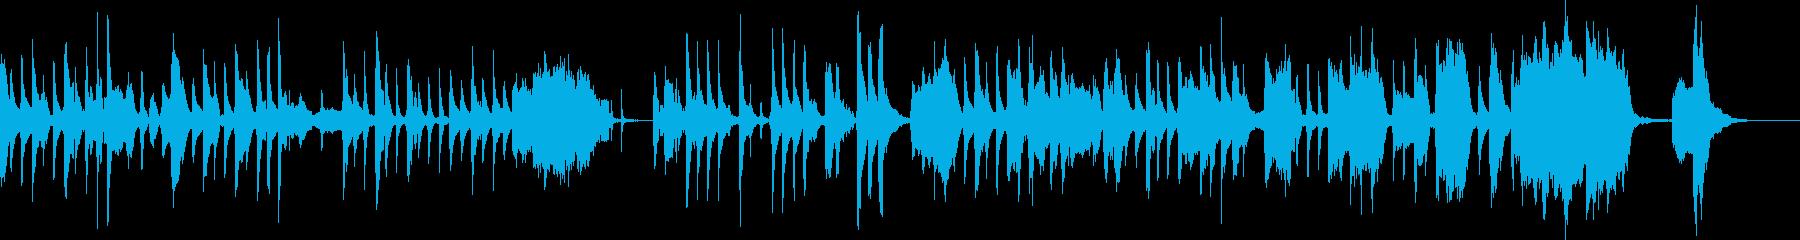 のんびりでちょっととぼけた日常シーンの曲の再生済みの波形